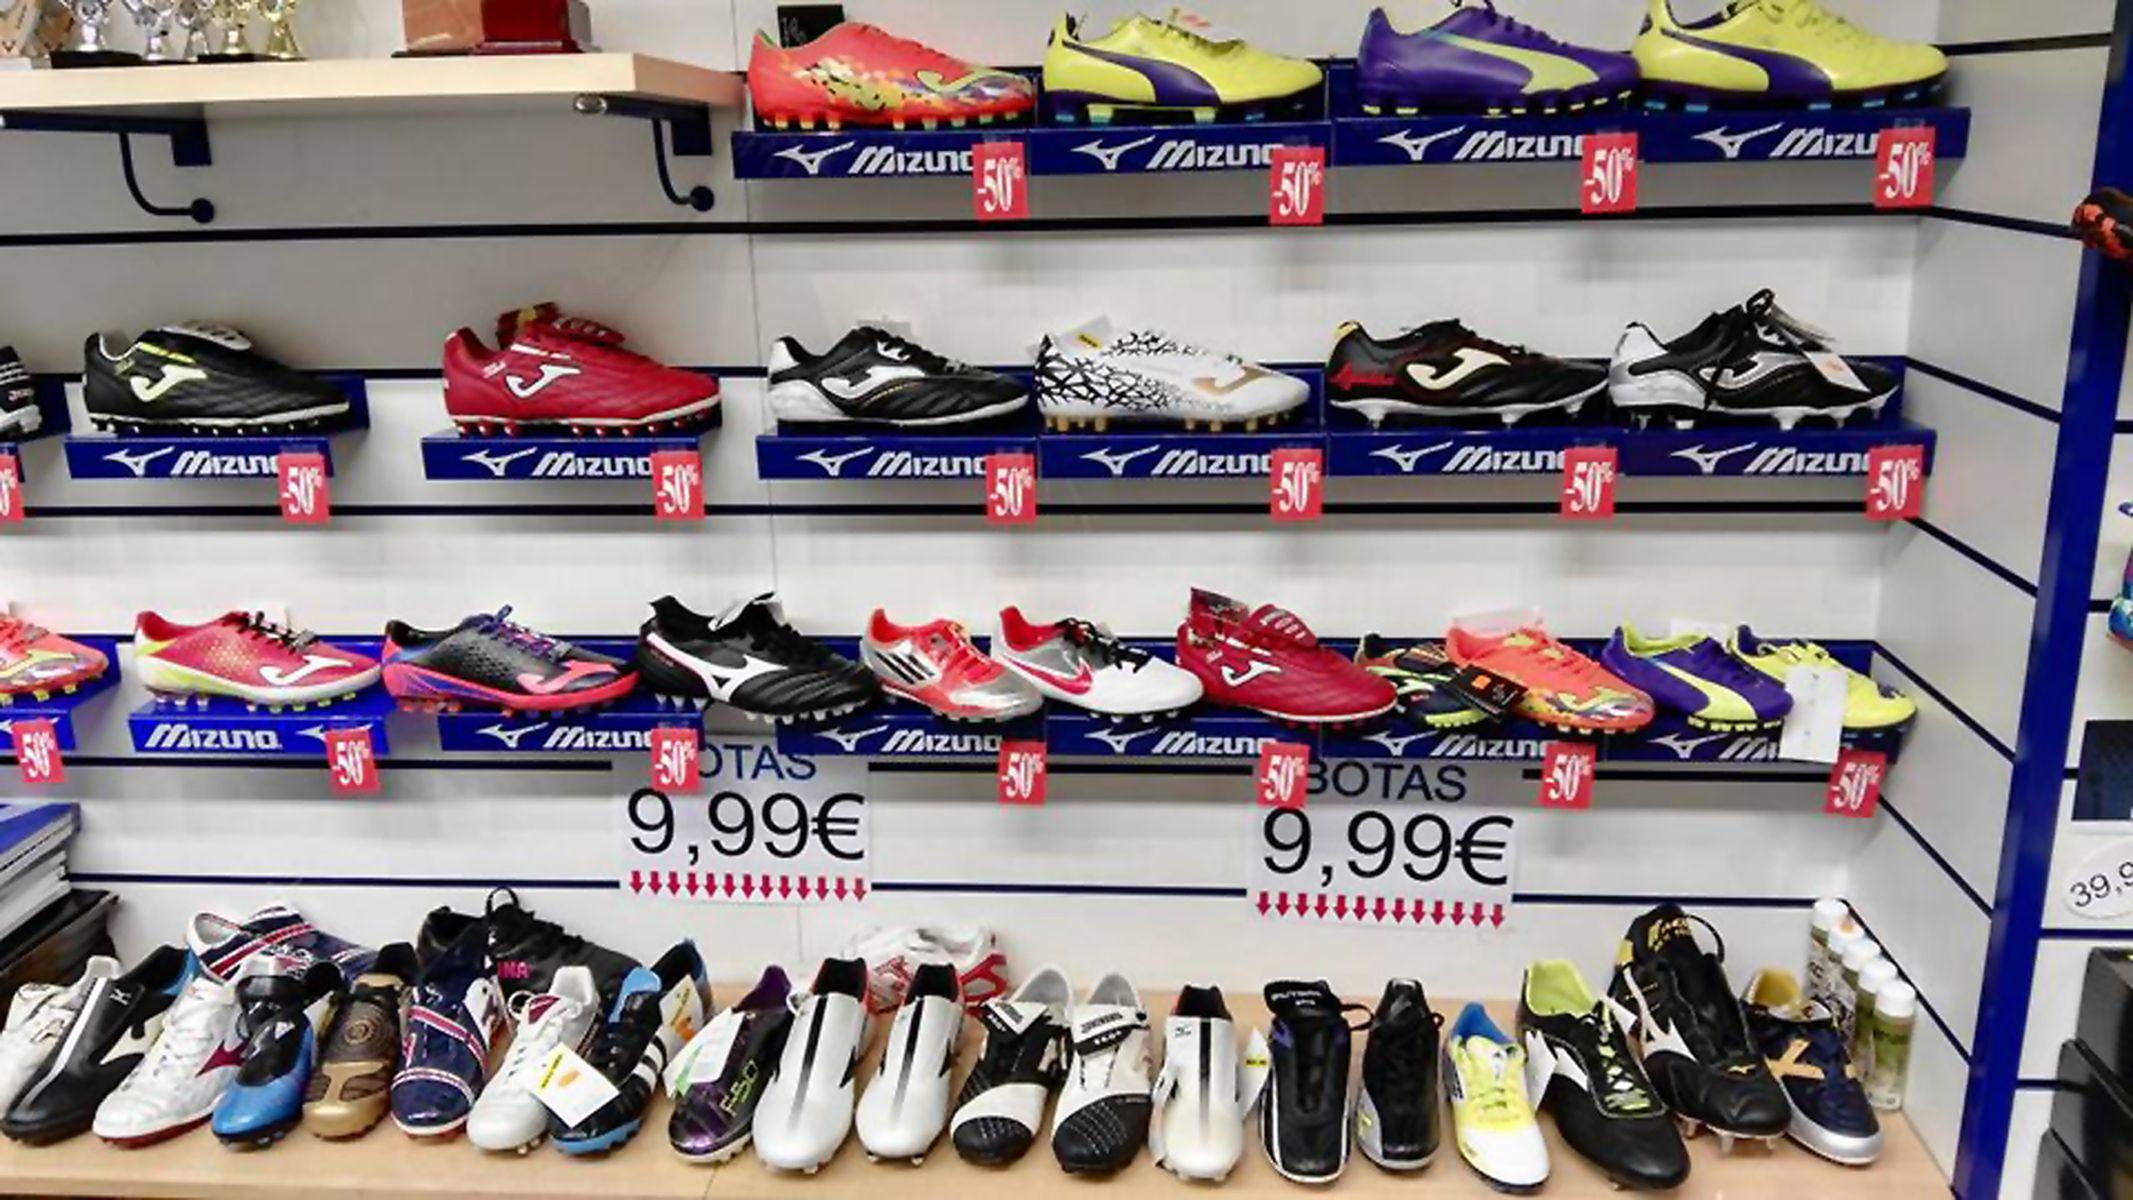 Tienda de zapatillas deportivas en Valladolid